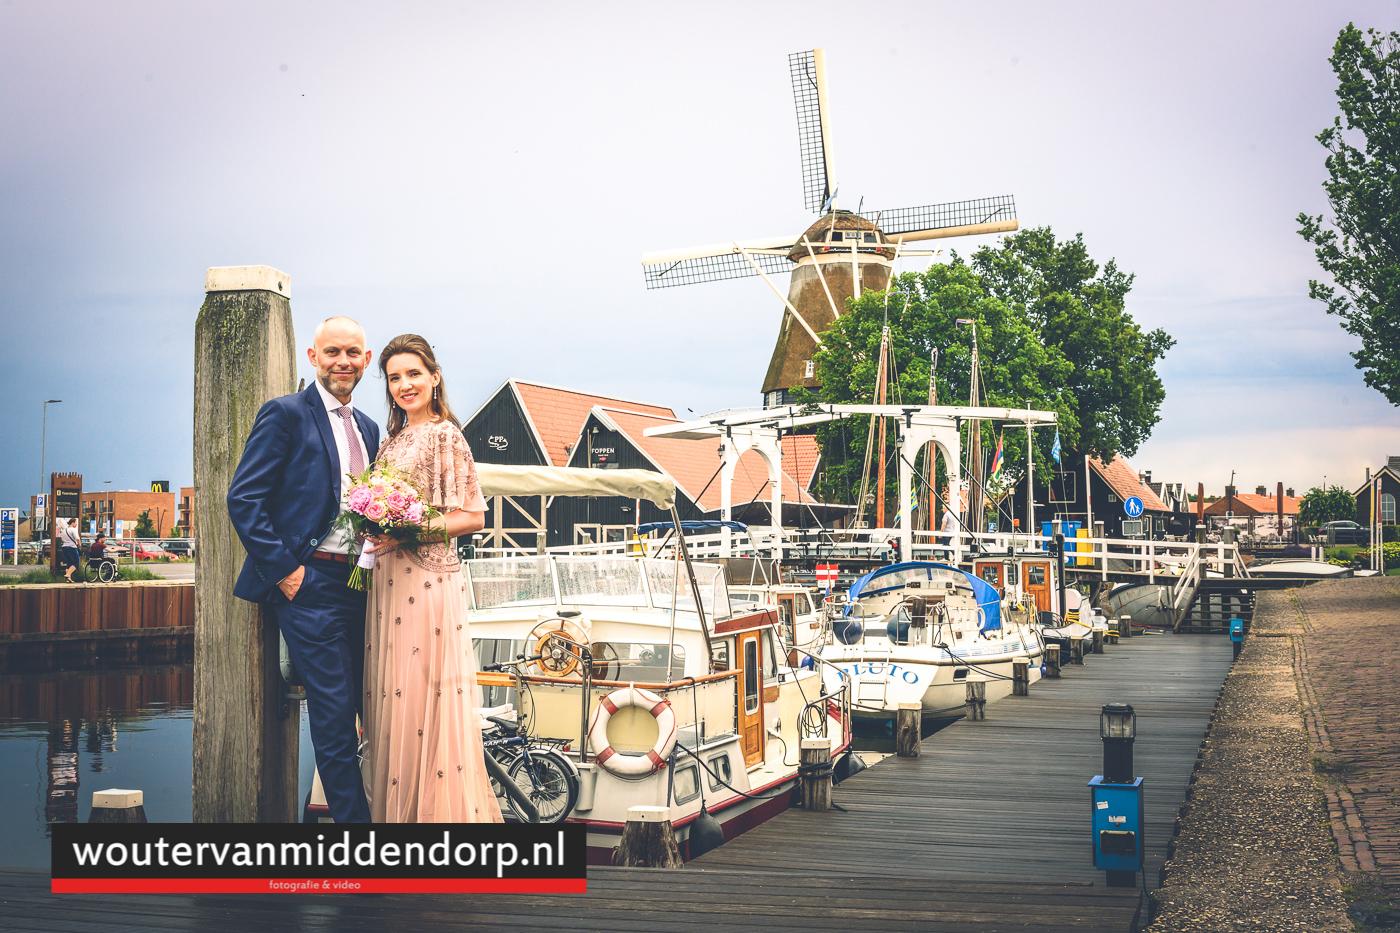 Wouter van Middendorp bruidsfotografie Harderwijk-18